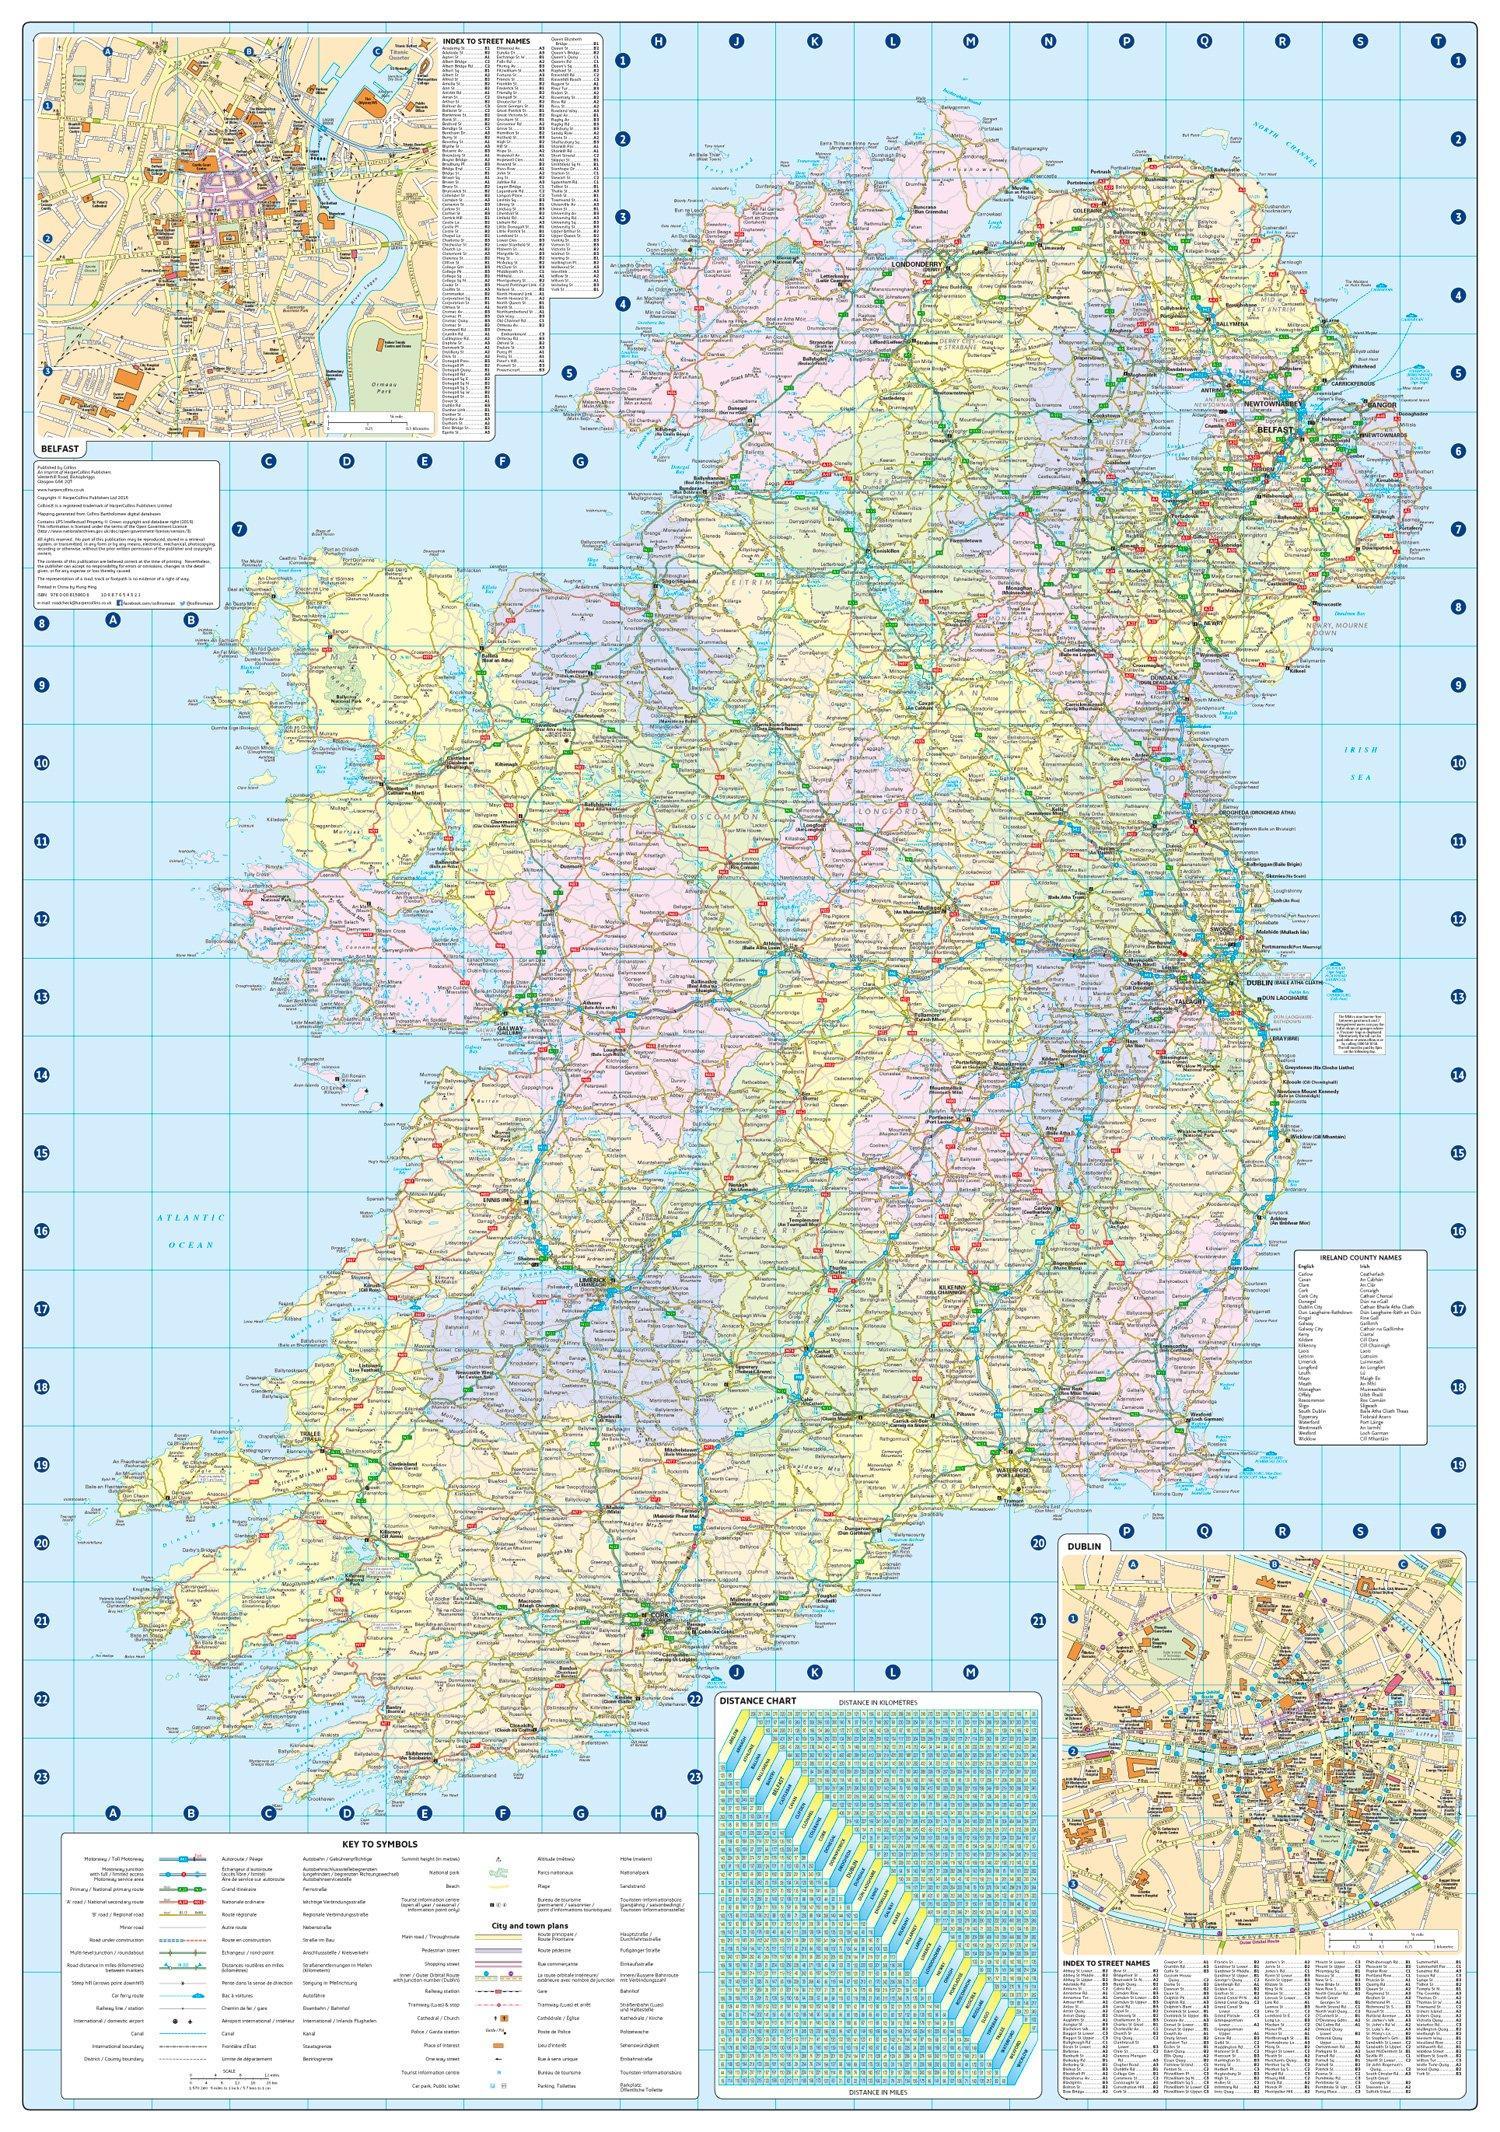 Karta Och Avstand.Avstand Karta Irland Karta Over Avstand Karta Irland Norra Europa